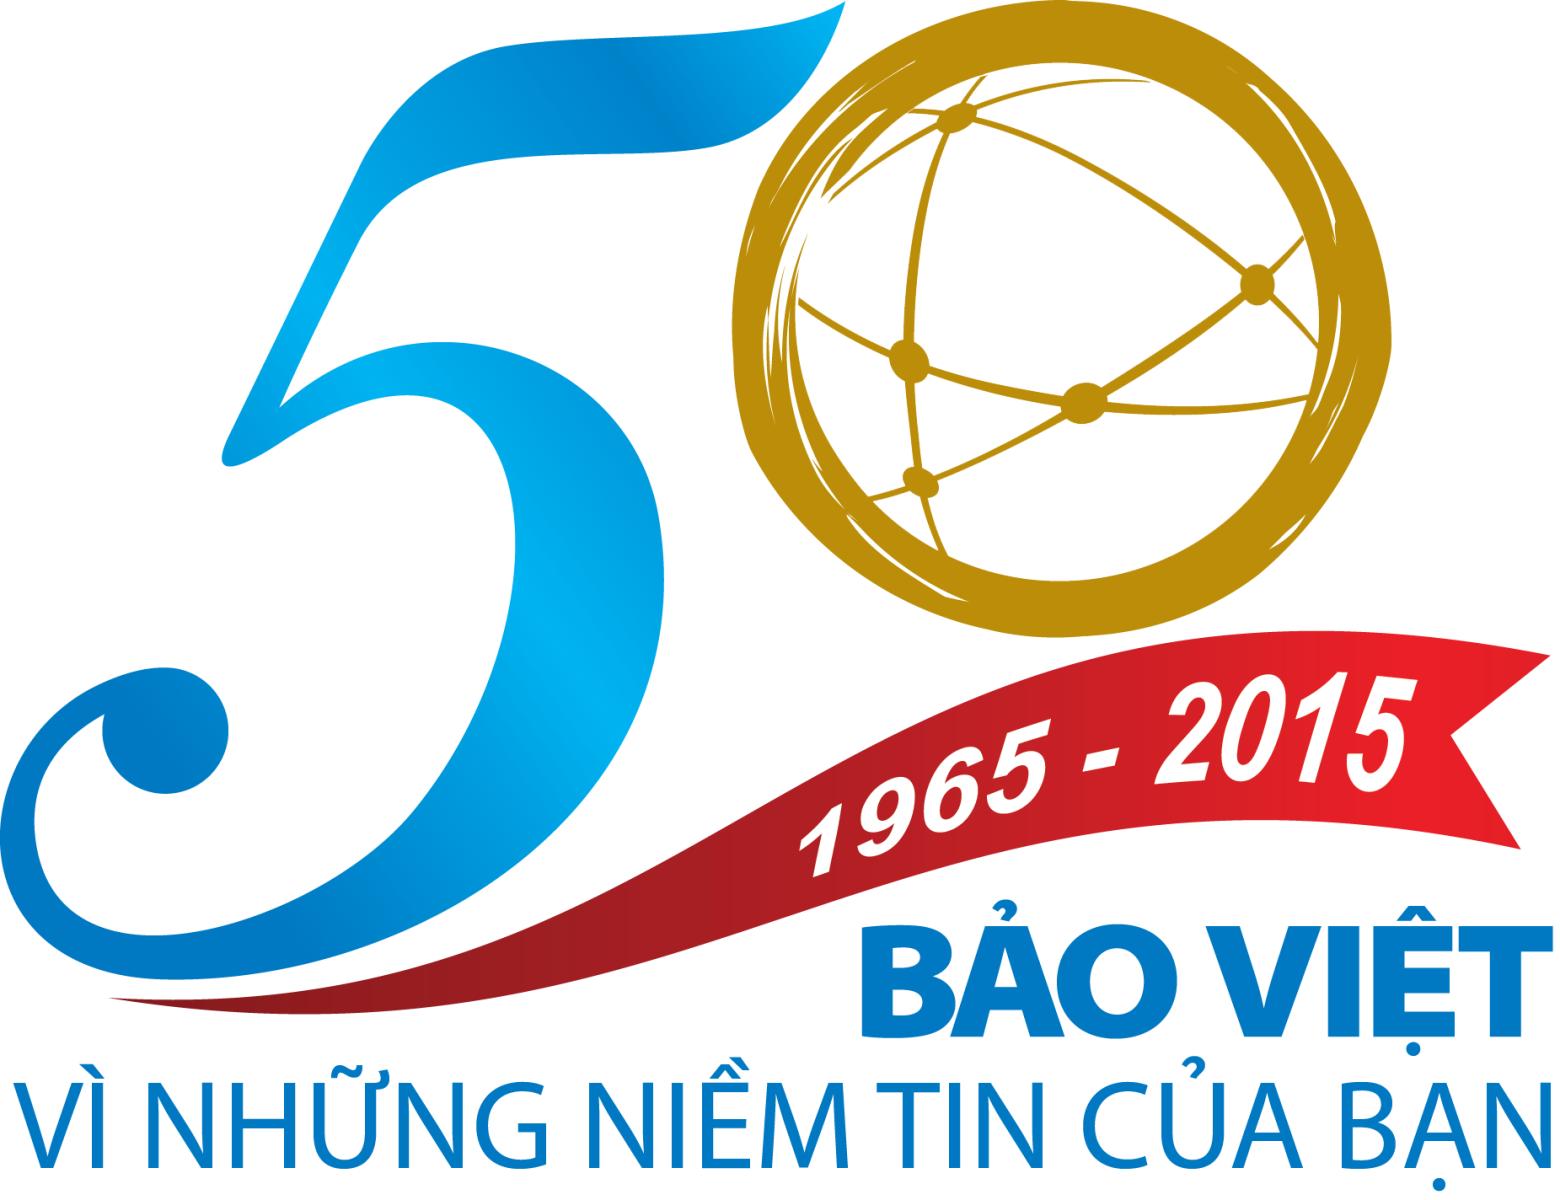 Baoviet Logo photo - 1